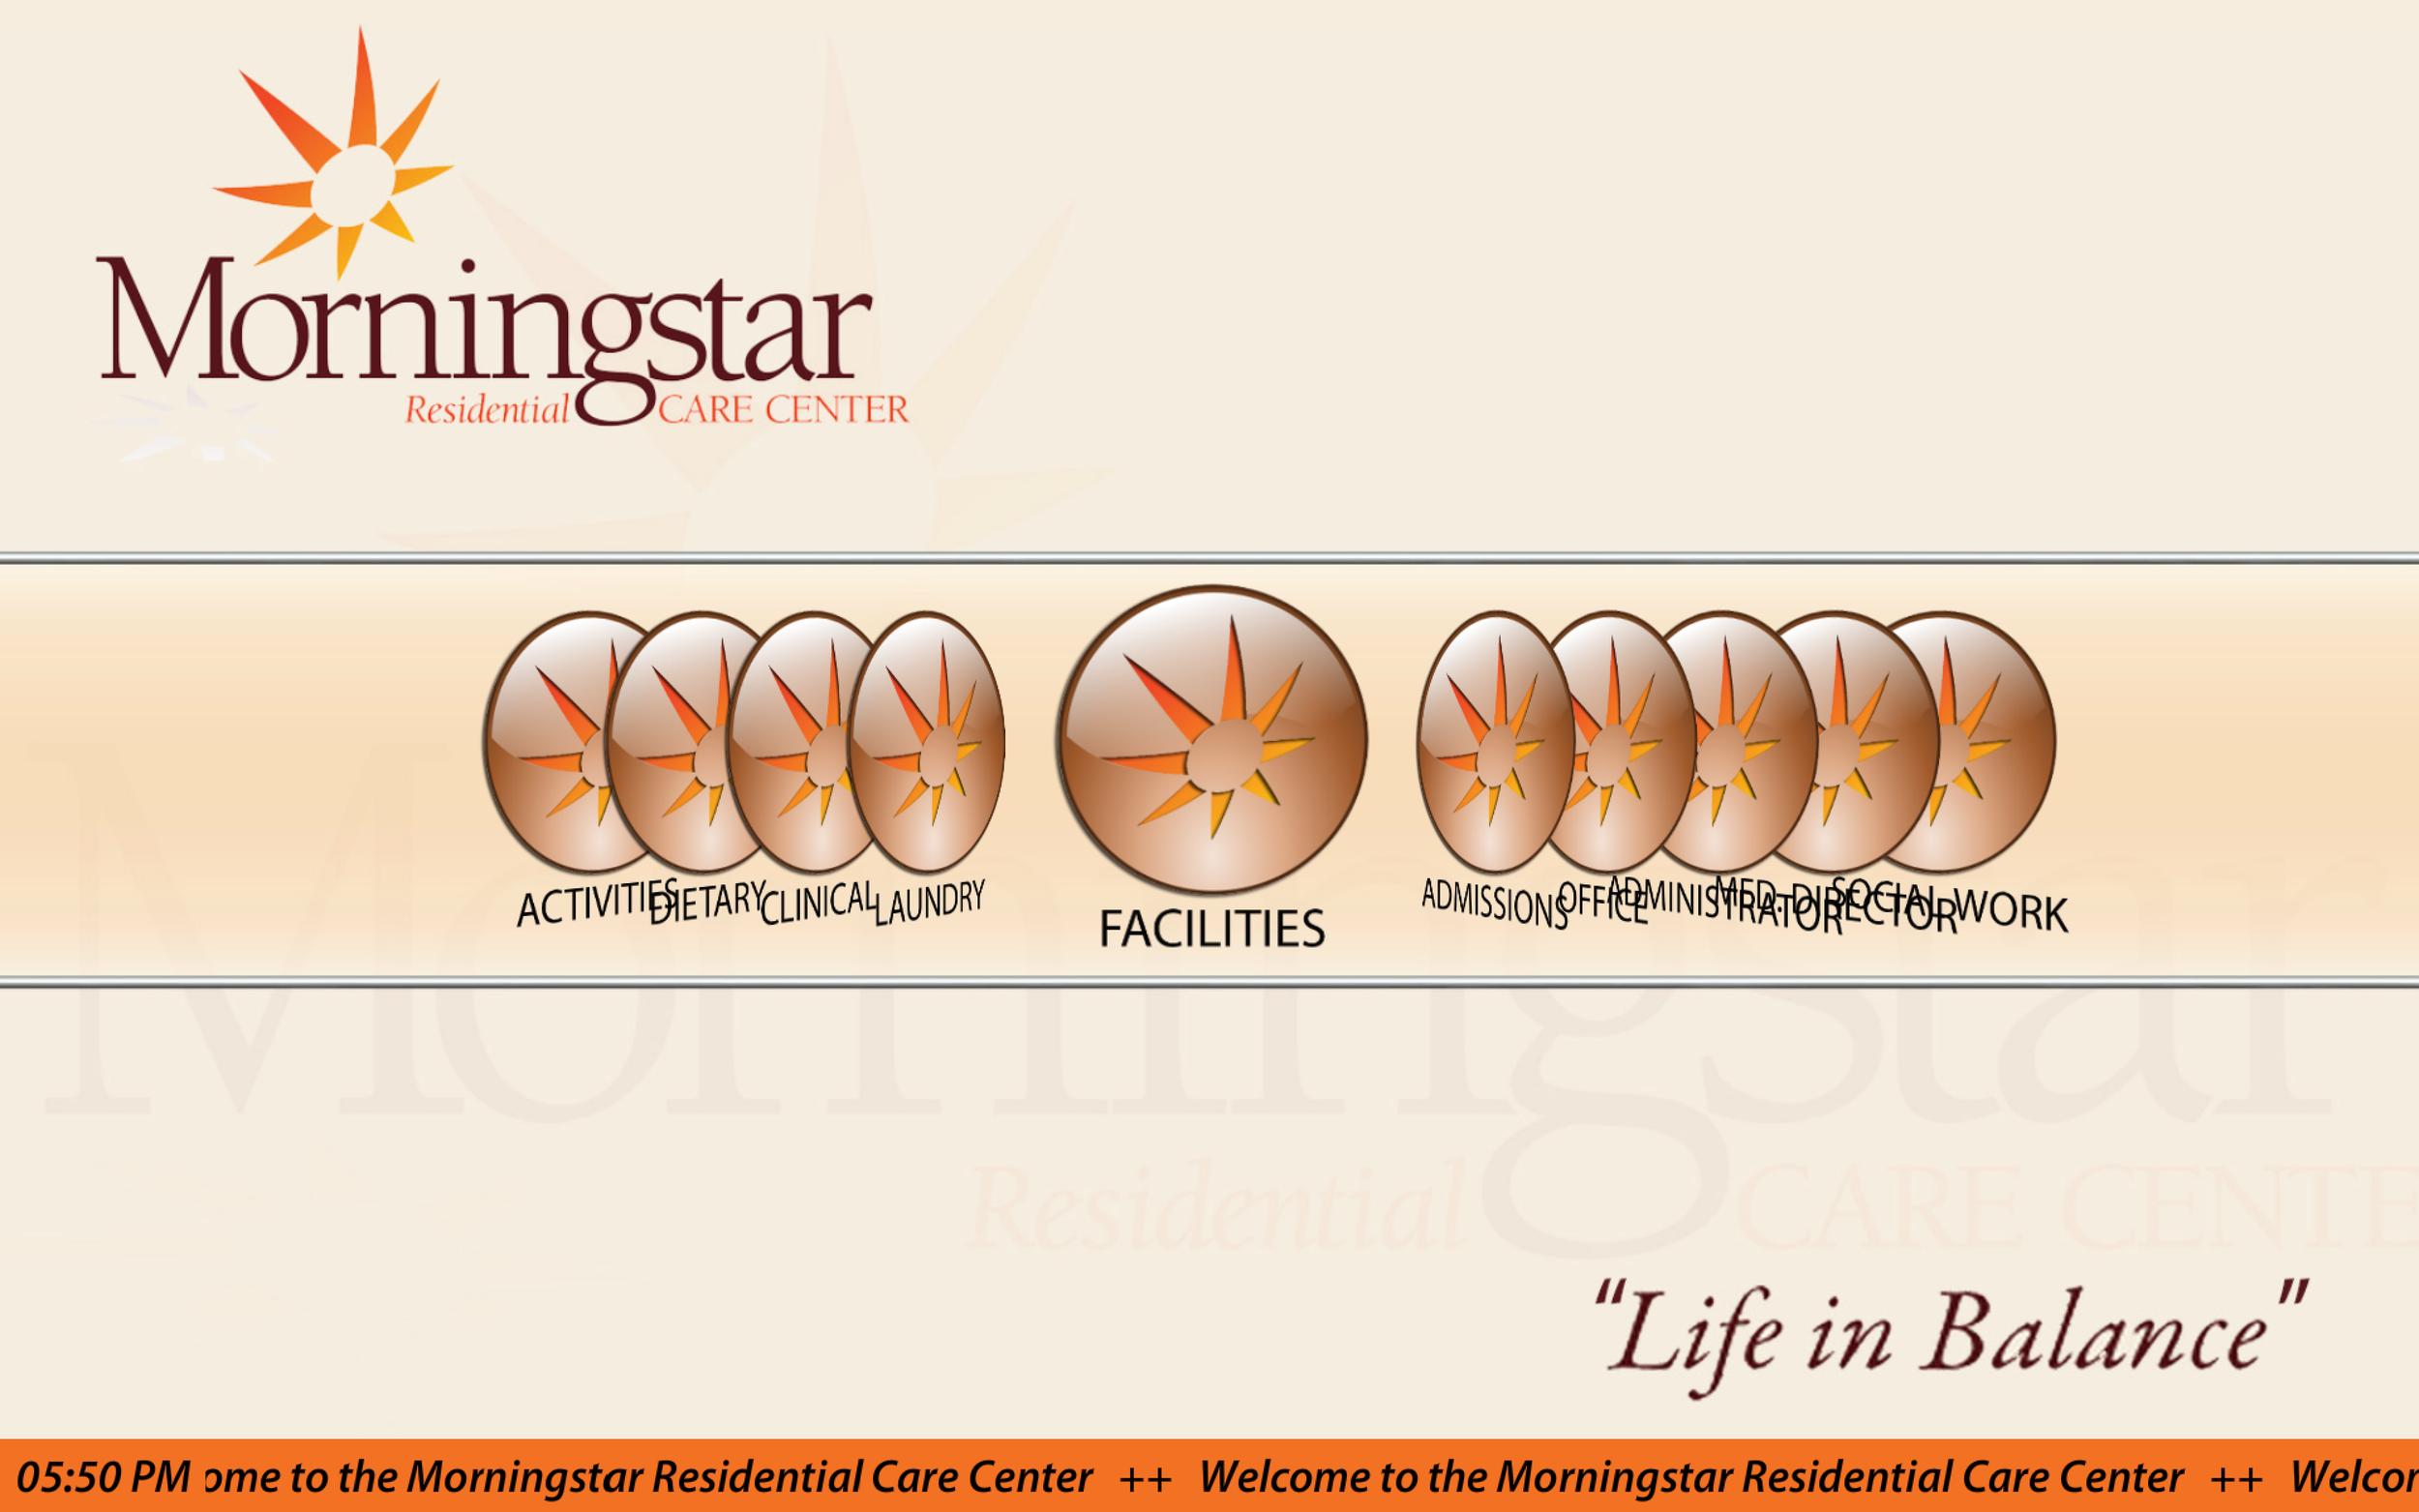 Morningstar Residnetial Care